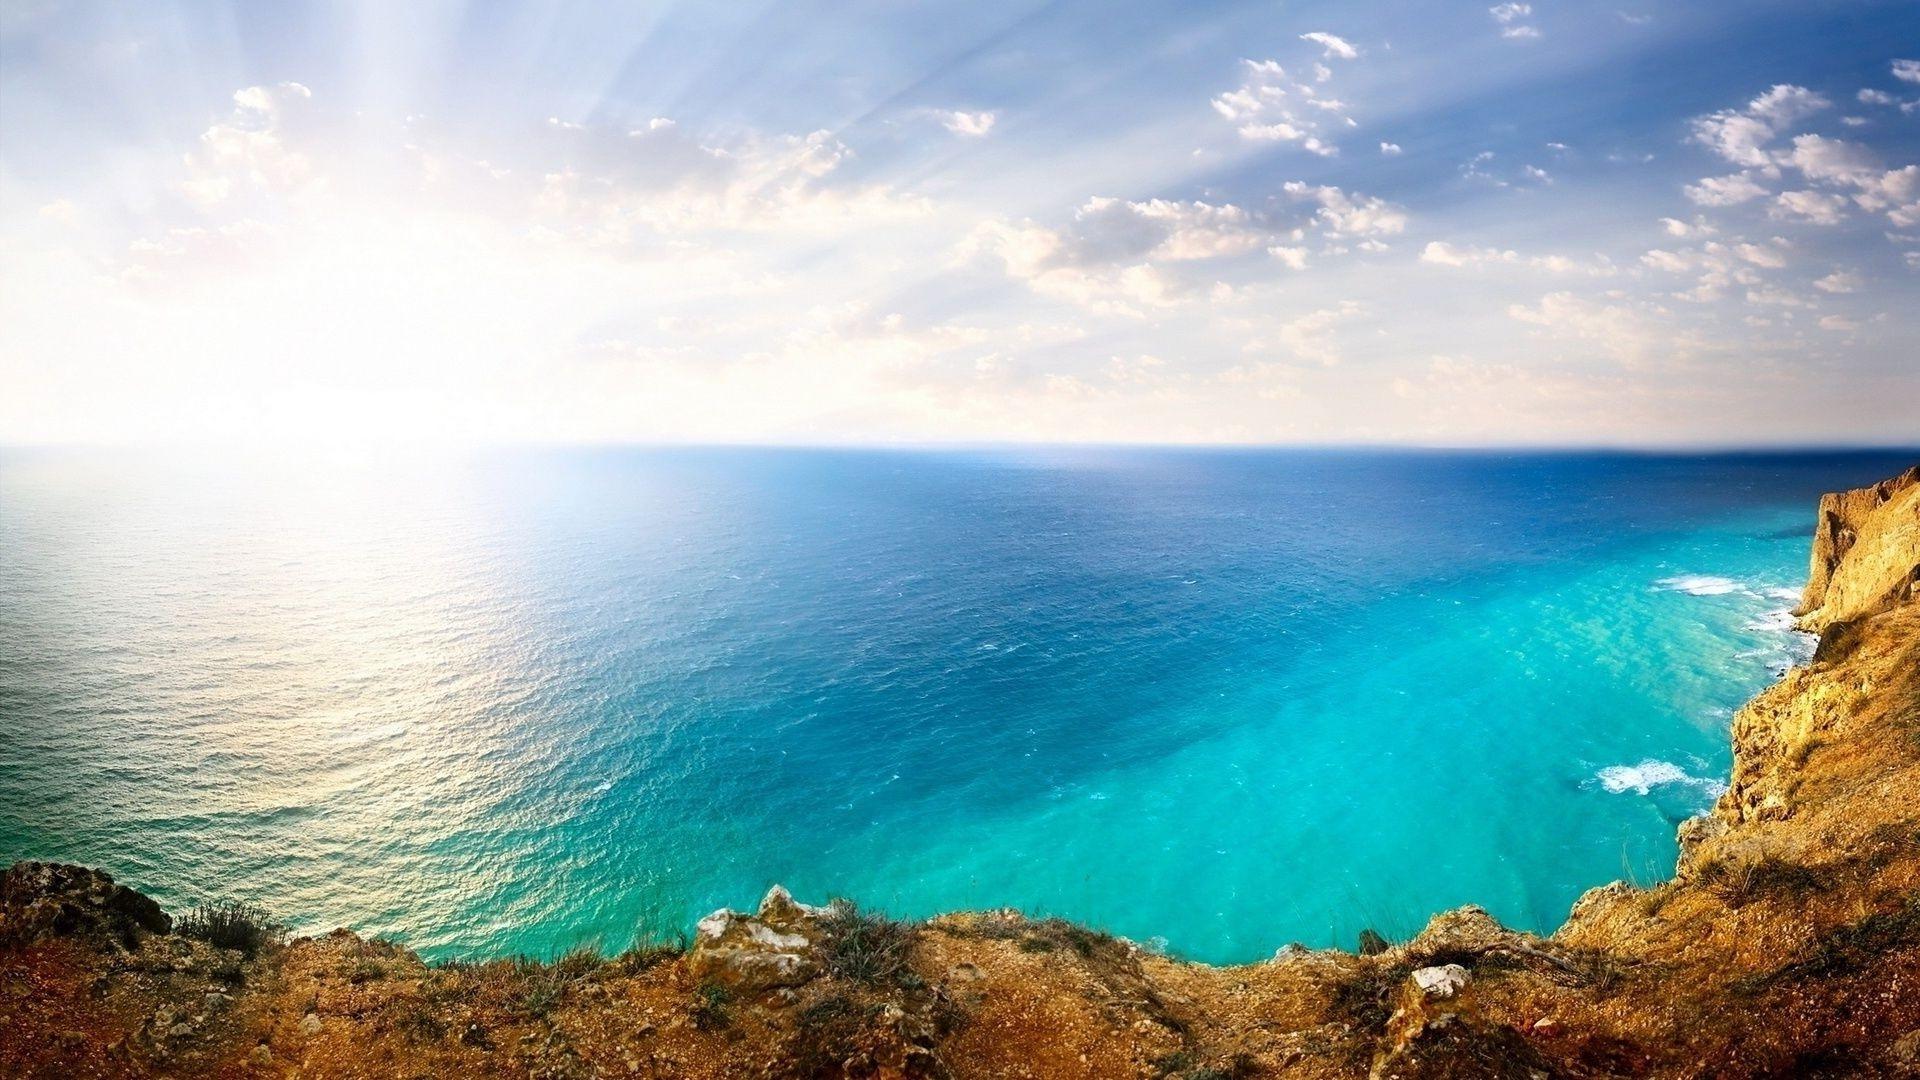 Море картинки на рабочий стол красивые